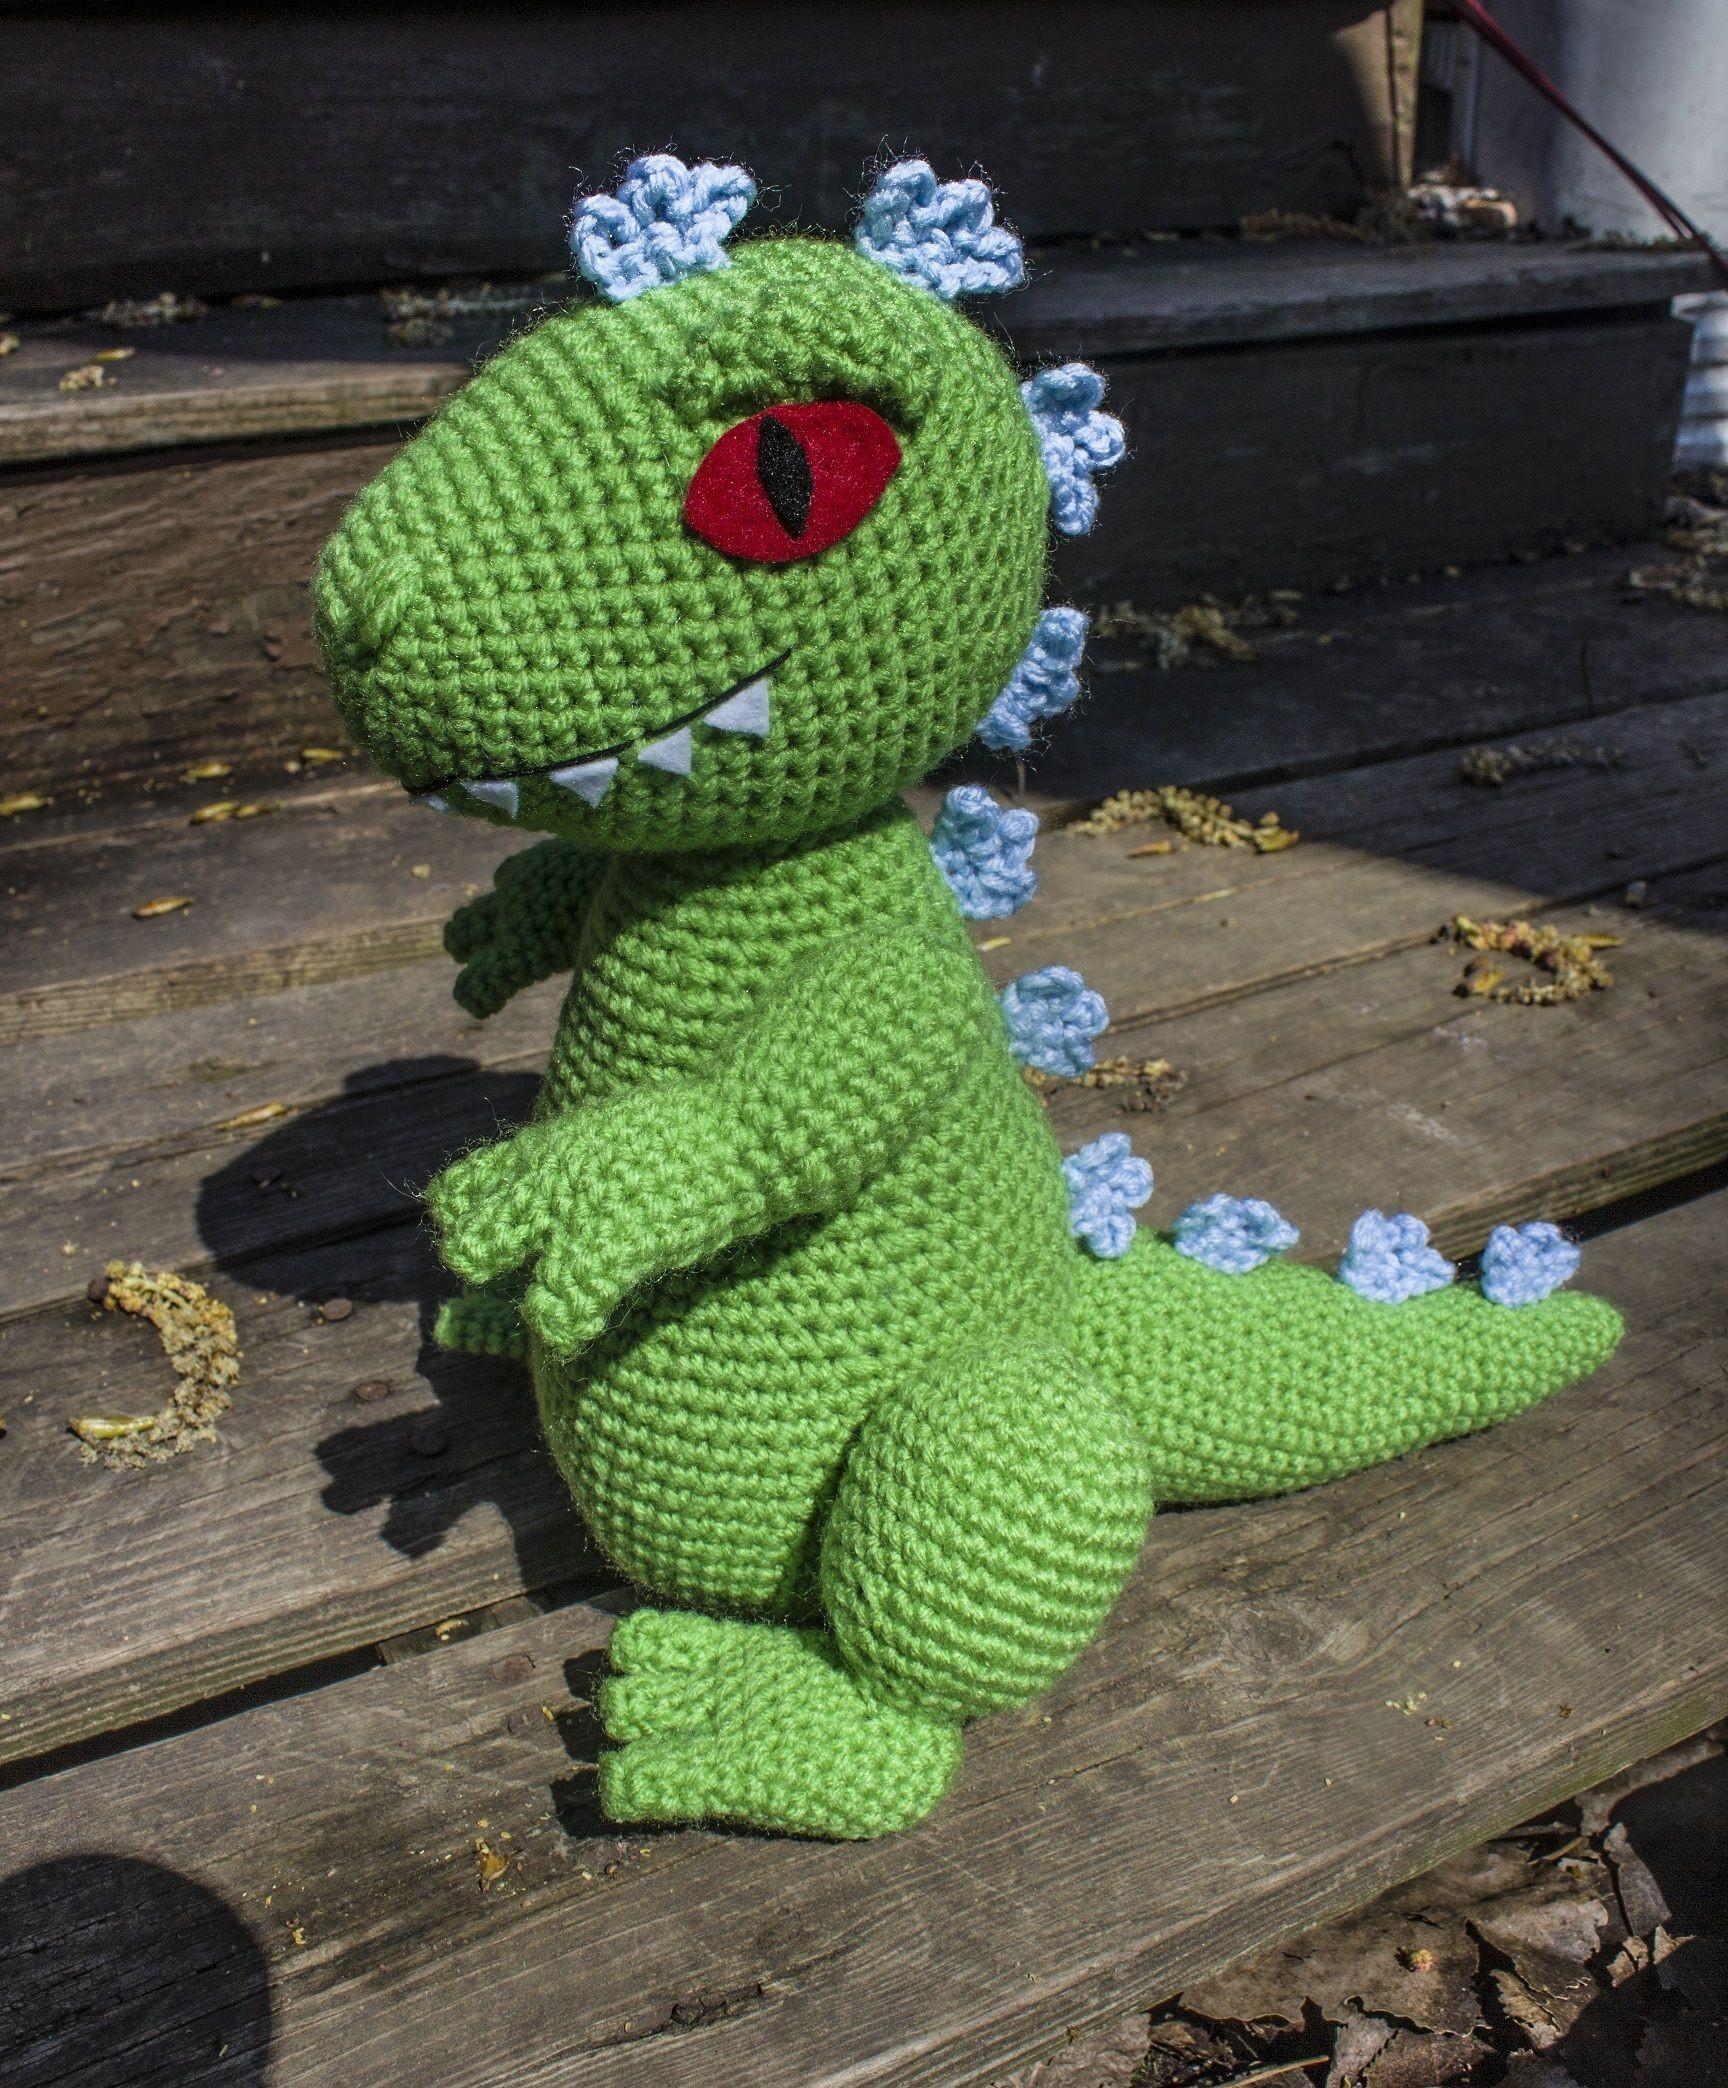 Sackboy Papercraft Crochet Reptar Crochet Pinterest